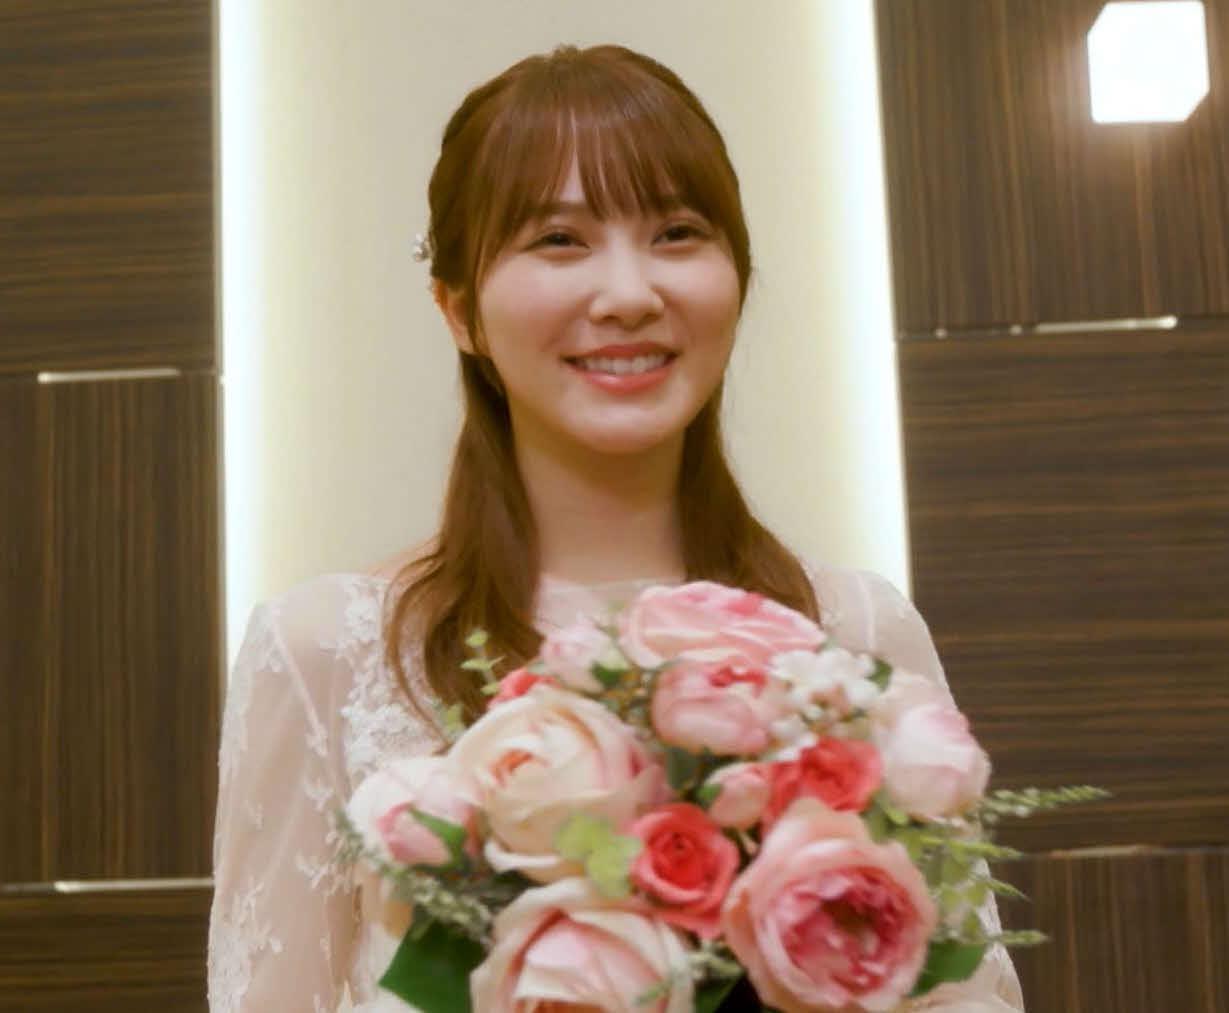 再現ドラマで純白のウエディングドレス姿を披露した日向坂46の加藤史帆(外部提供)